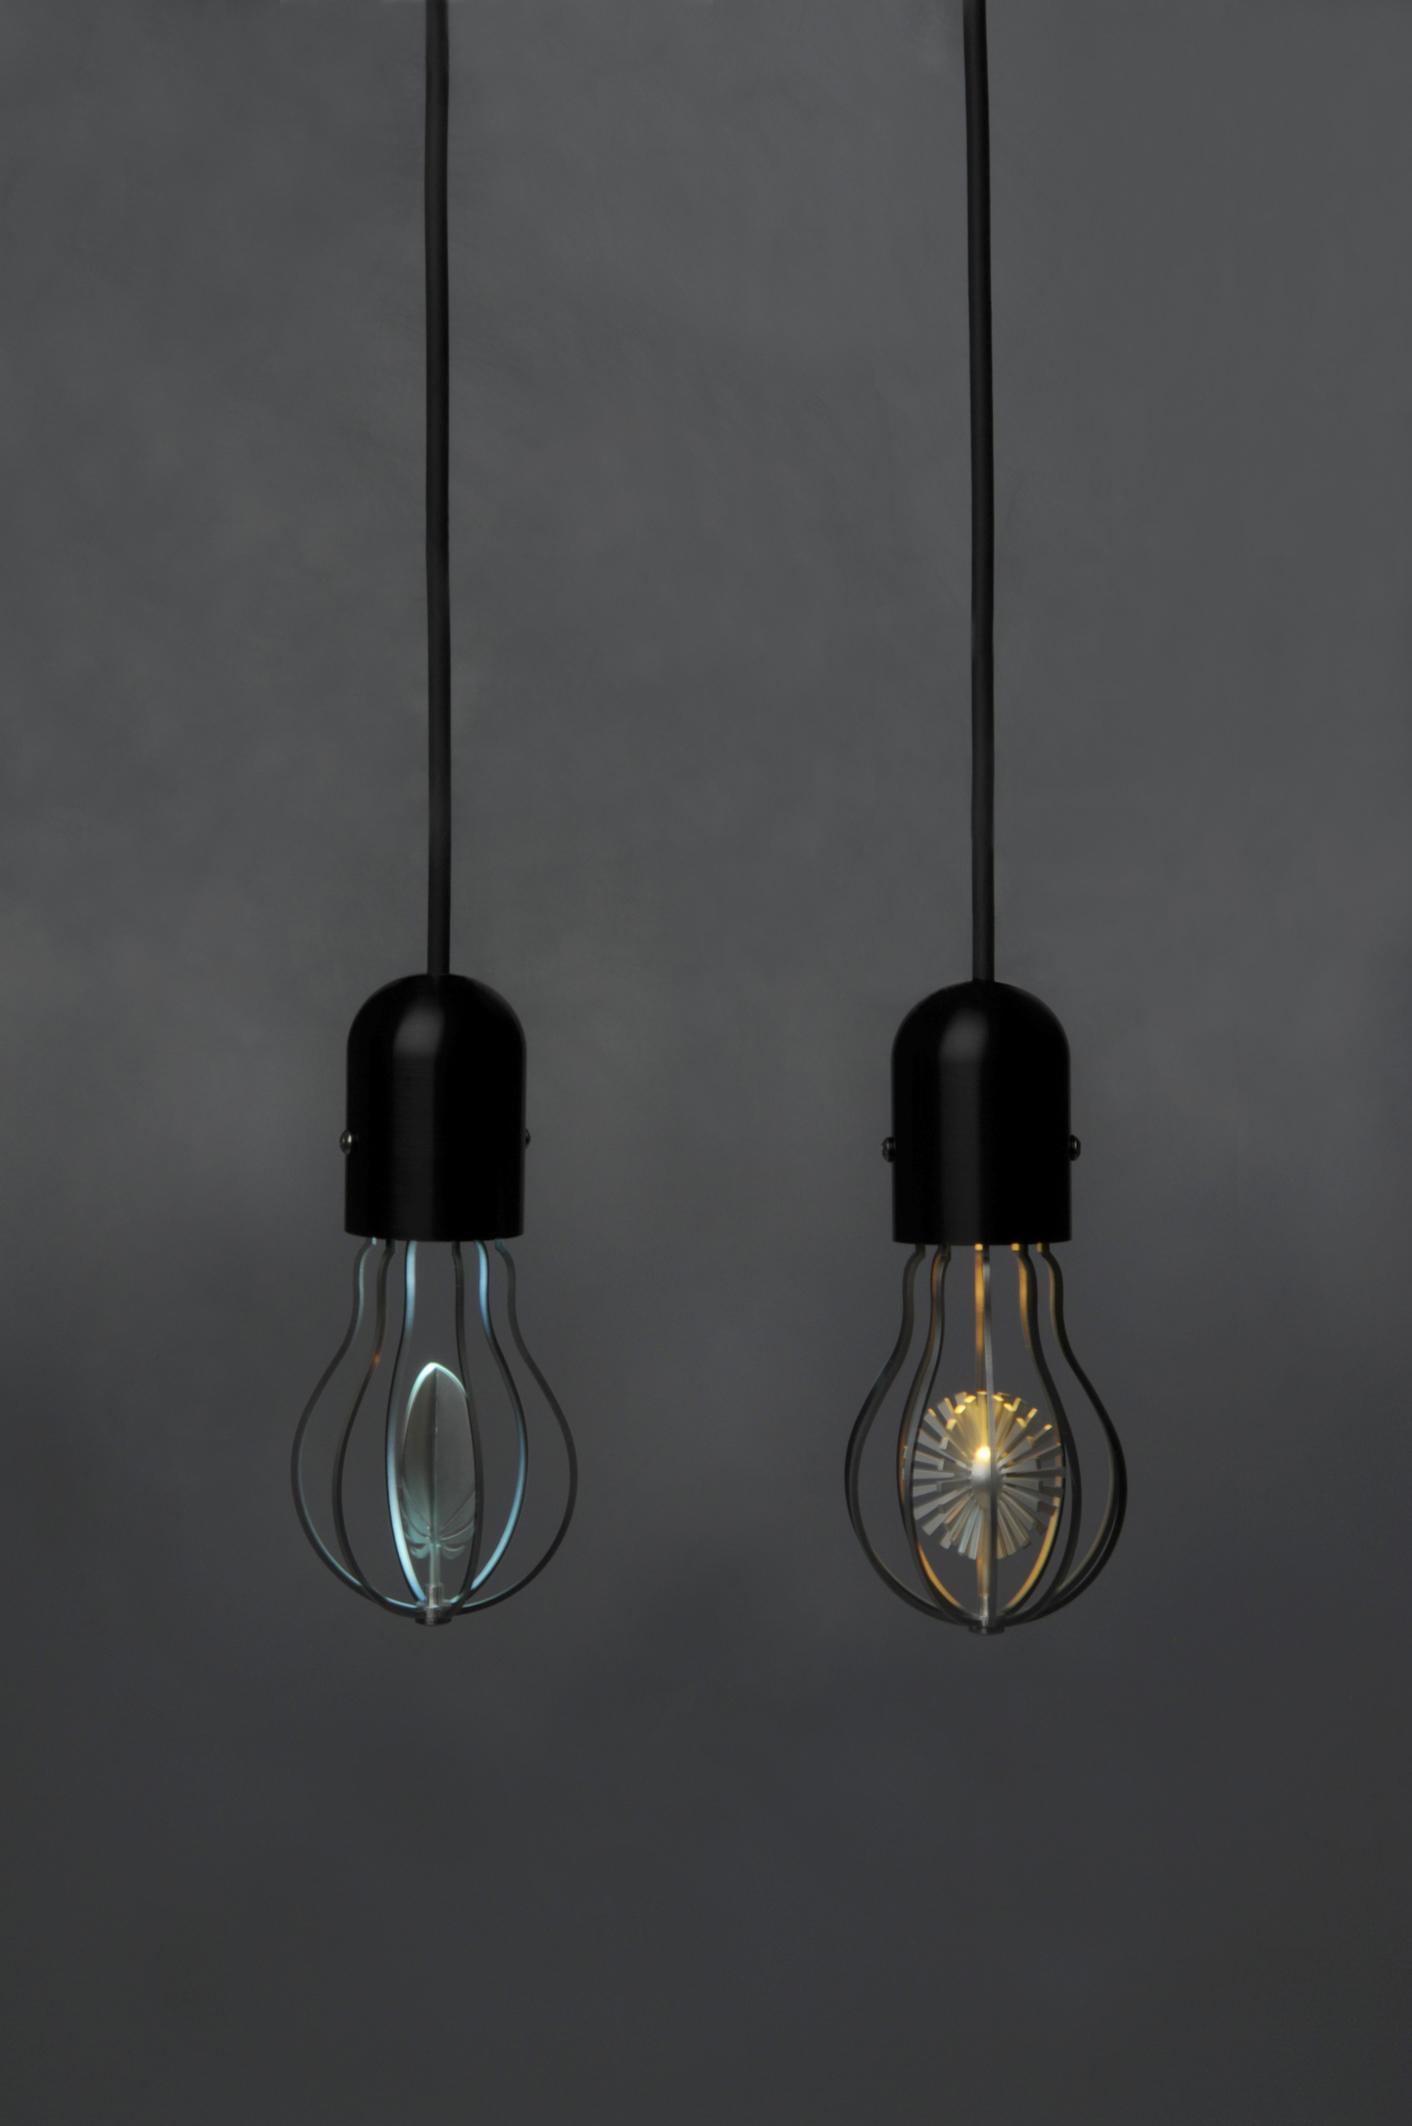 Sun and Feather Bulbs